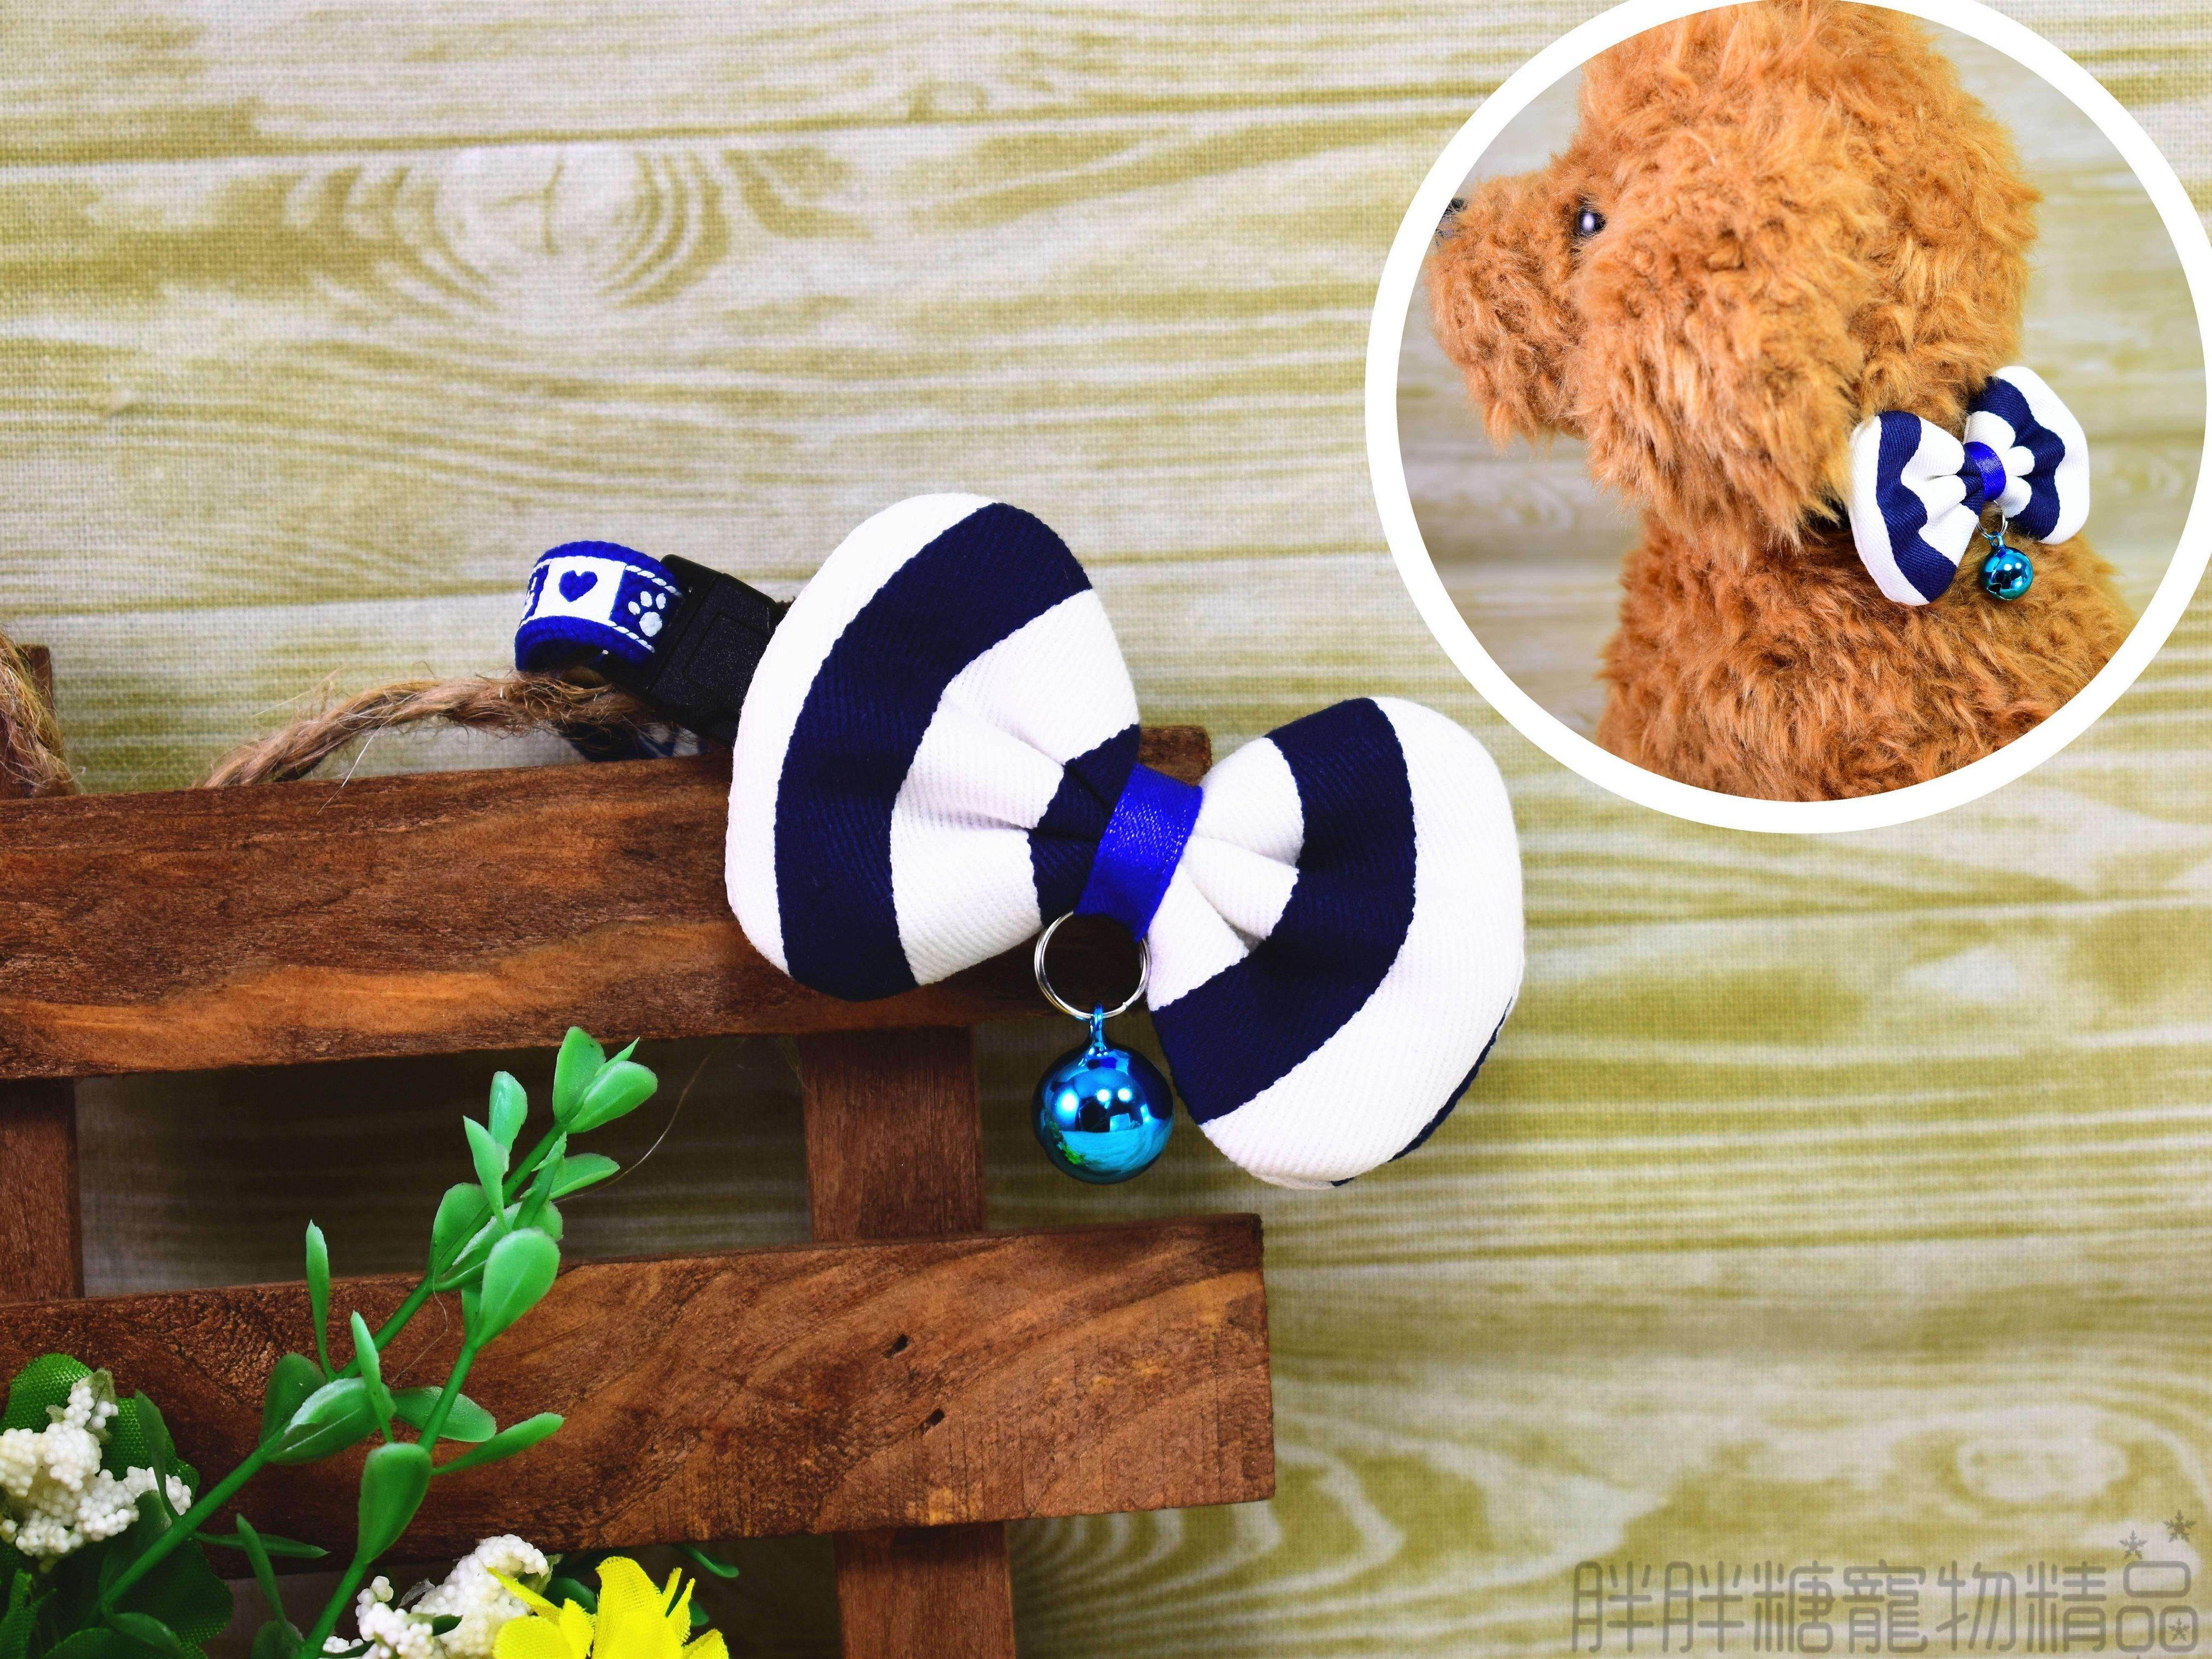 【胖胖糖】大藍條紋領結項圈(XS號)-寵物項圈 安全扣 可伸縮 MIT  小型犬 貓項圈 狗項圈 頸圈